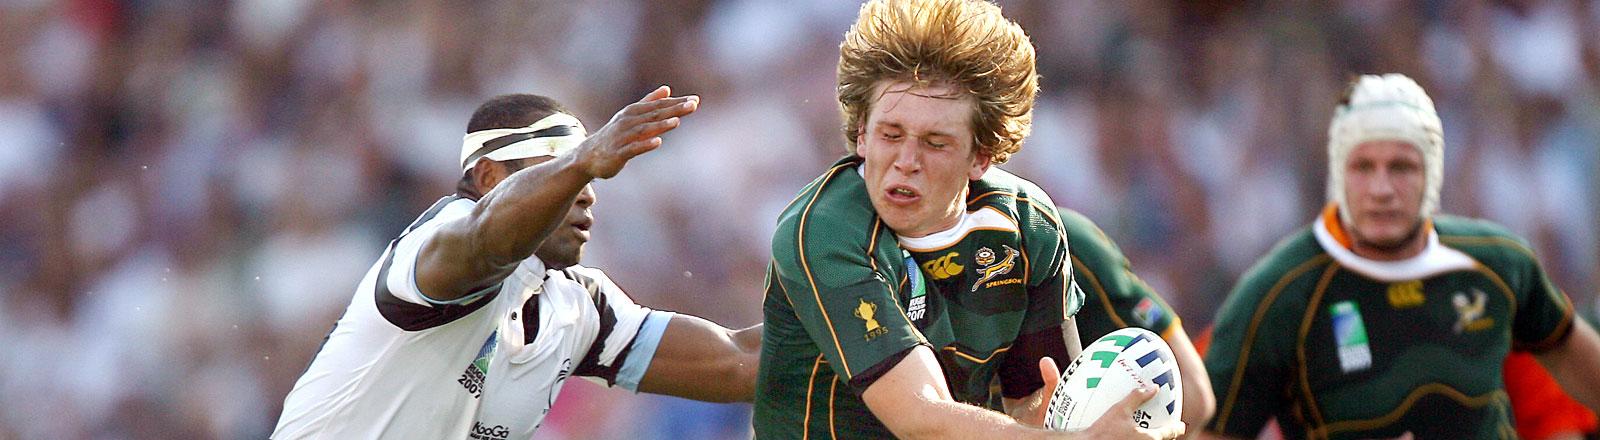 Rugby-WM 2007